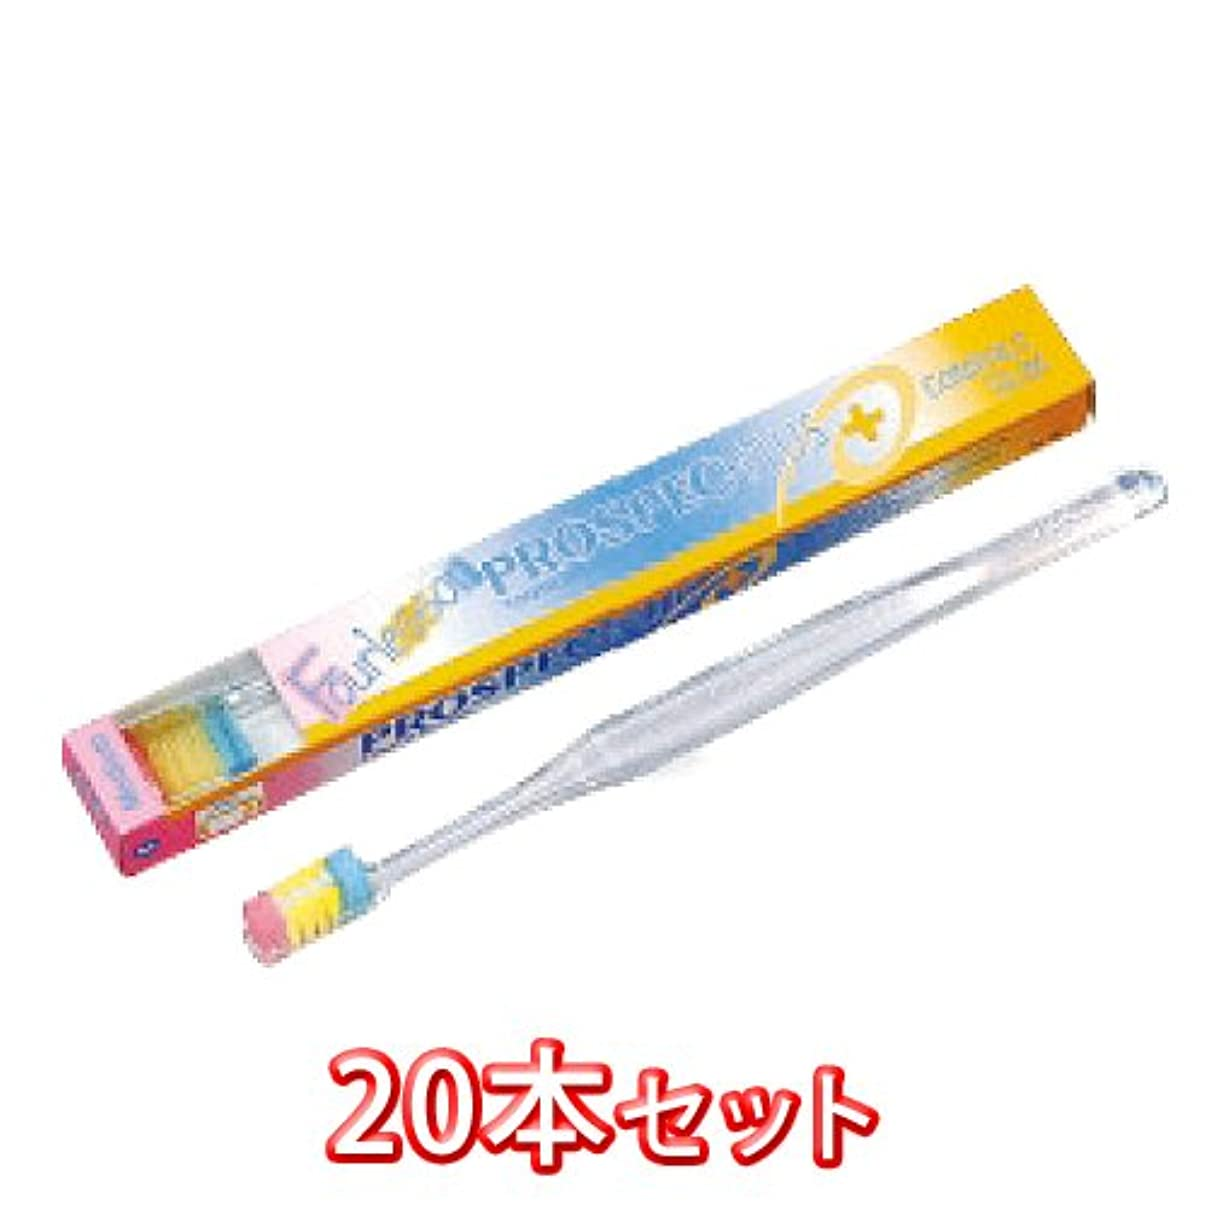 保存を必要としています程度プロスペック 歯ブラシ コンパクトスリム 20本入 フォーレッスン 毛の硬さ ふつう